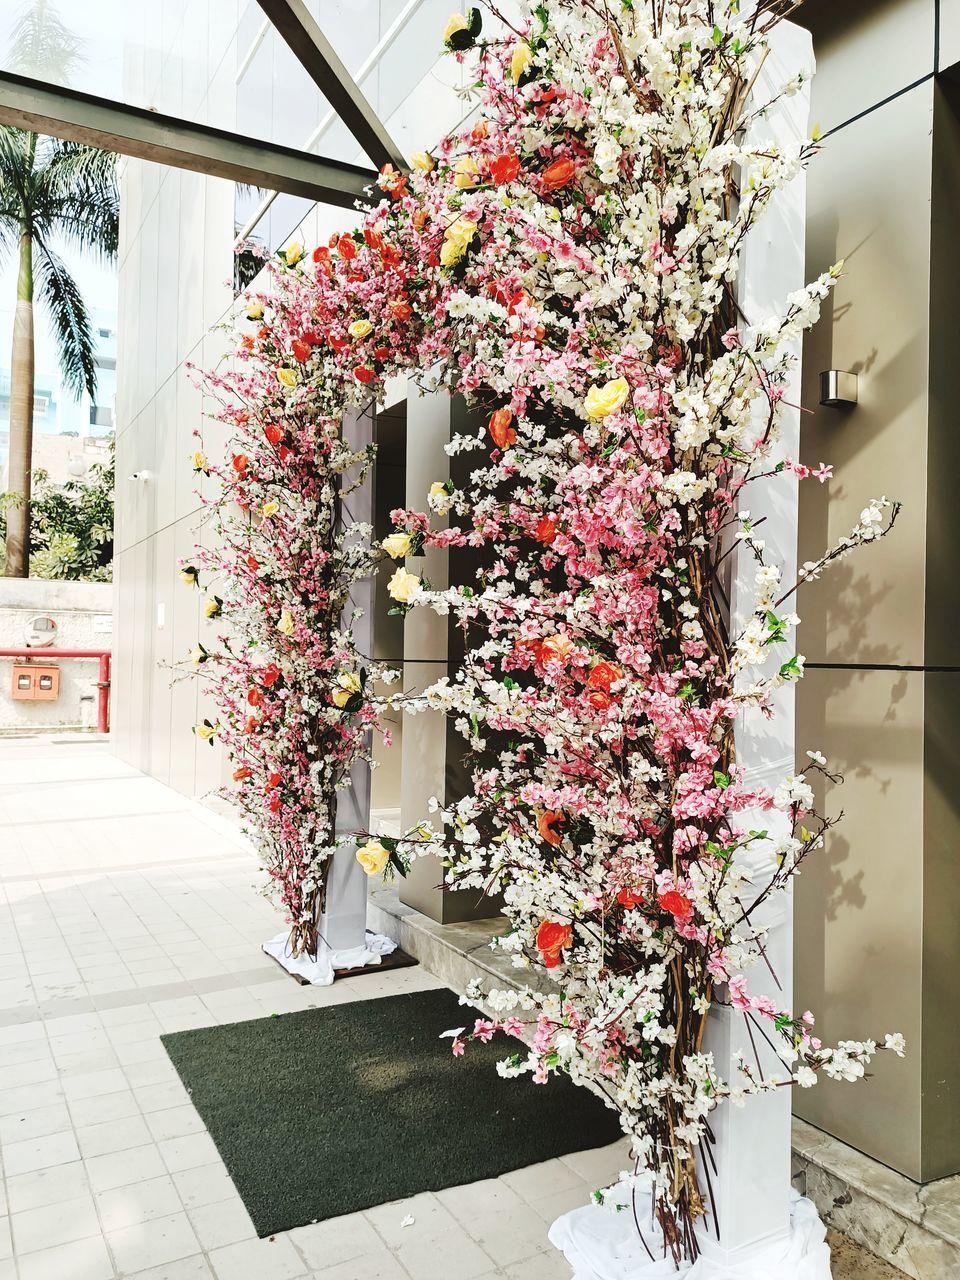 FLOWERING PLANTS ON FLOWER POT